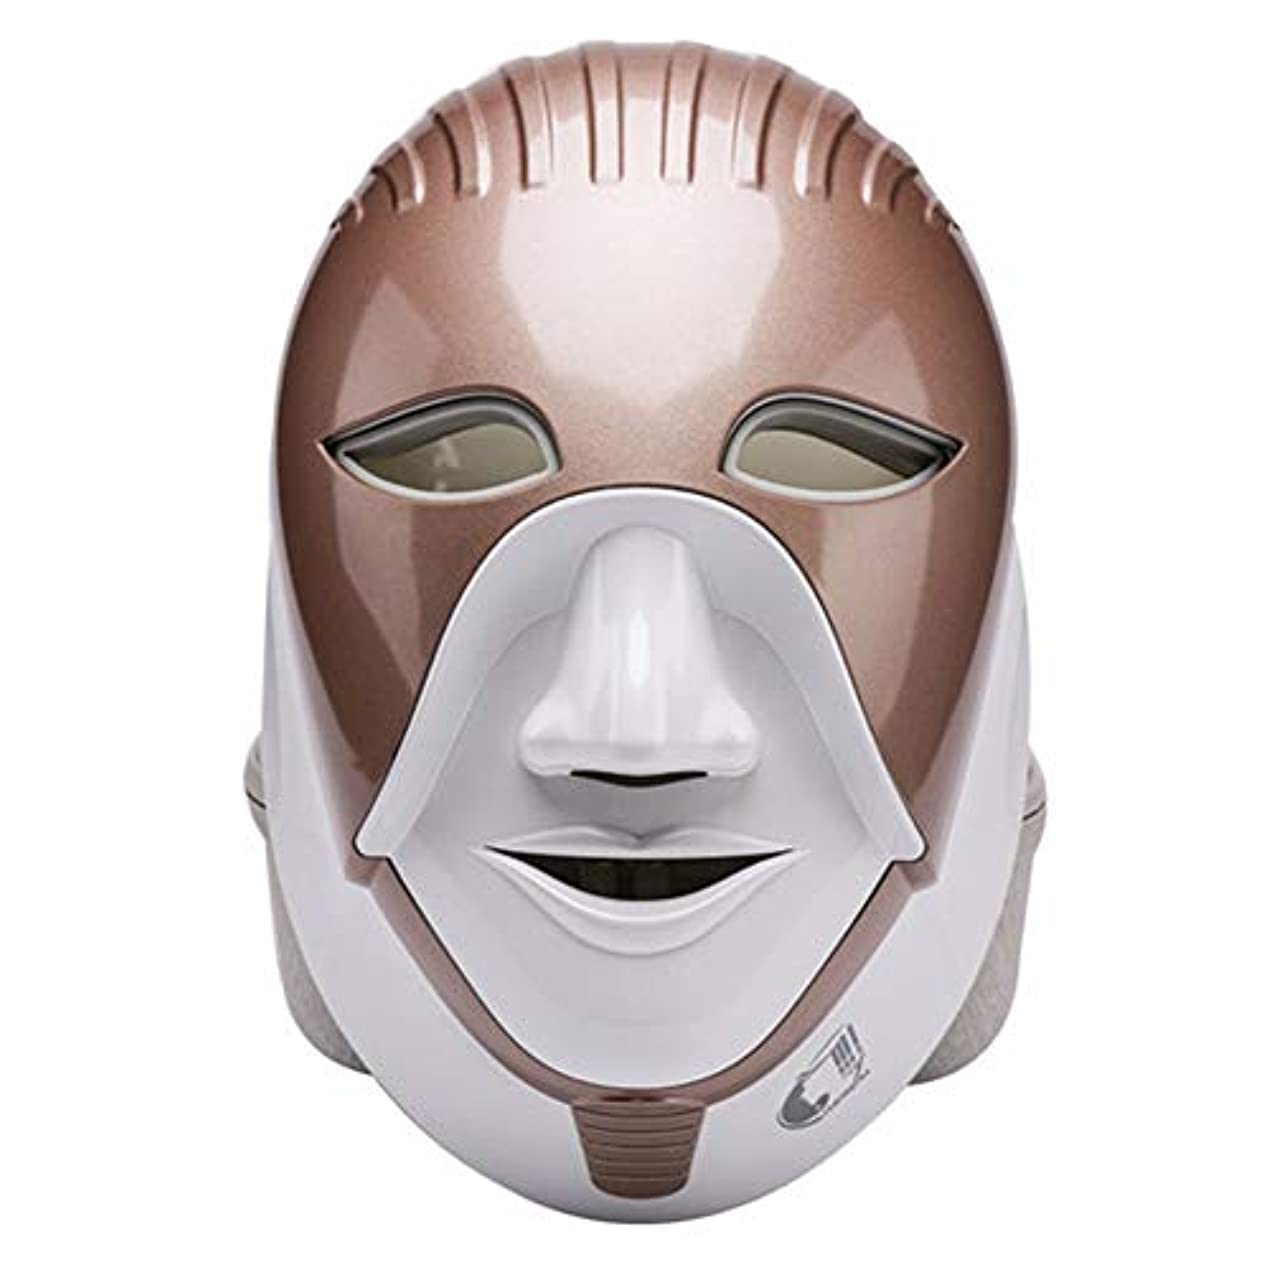 遅らせる熱ビジュアルマスク、光線療法にきびマスク7色光をにきびに適用することができます。スポットにきび、引き締め肌ケアツール